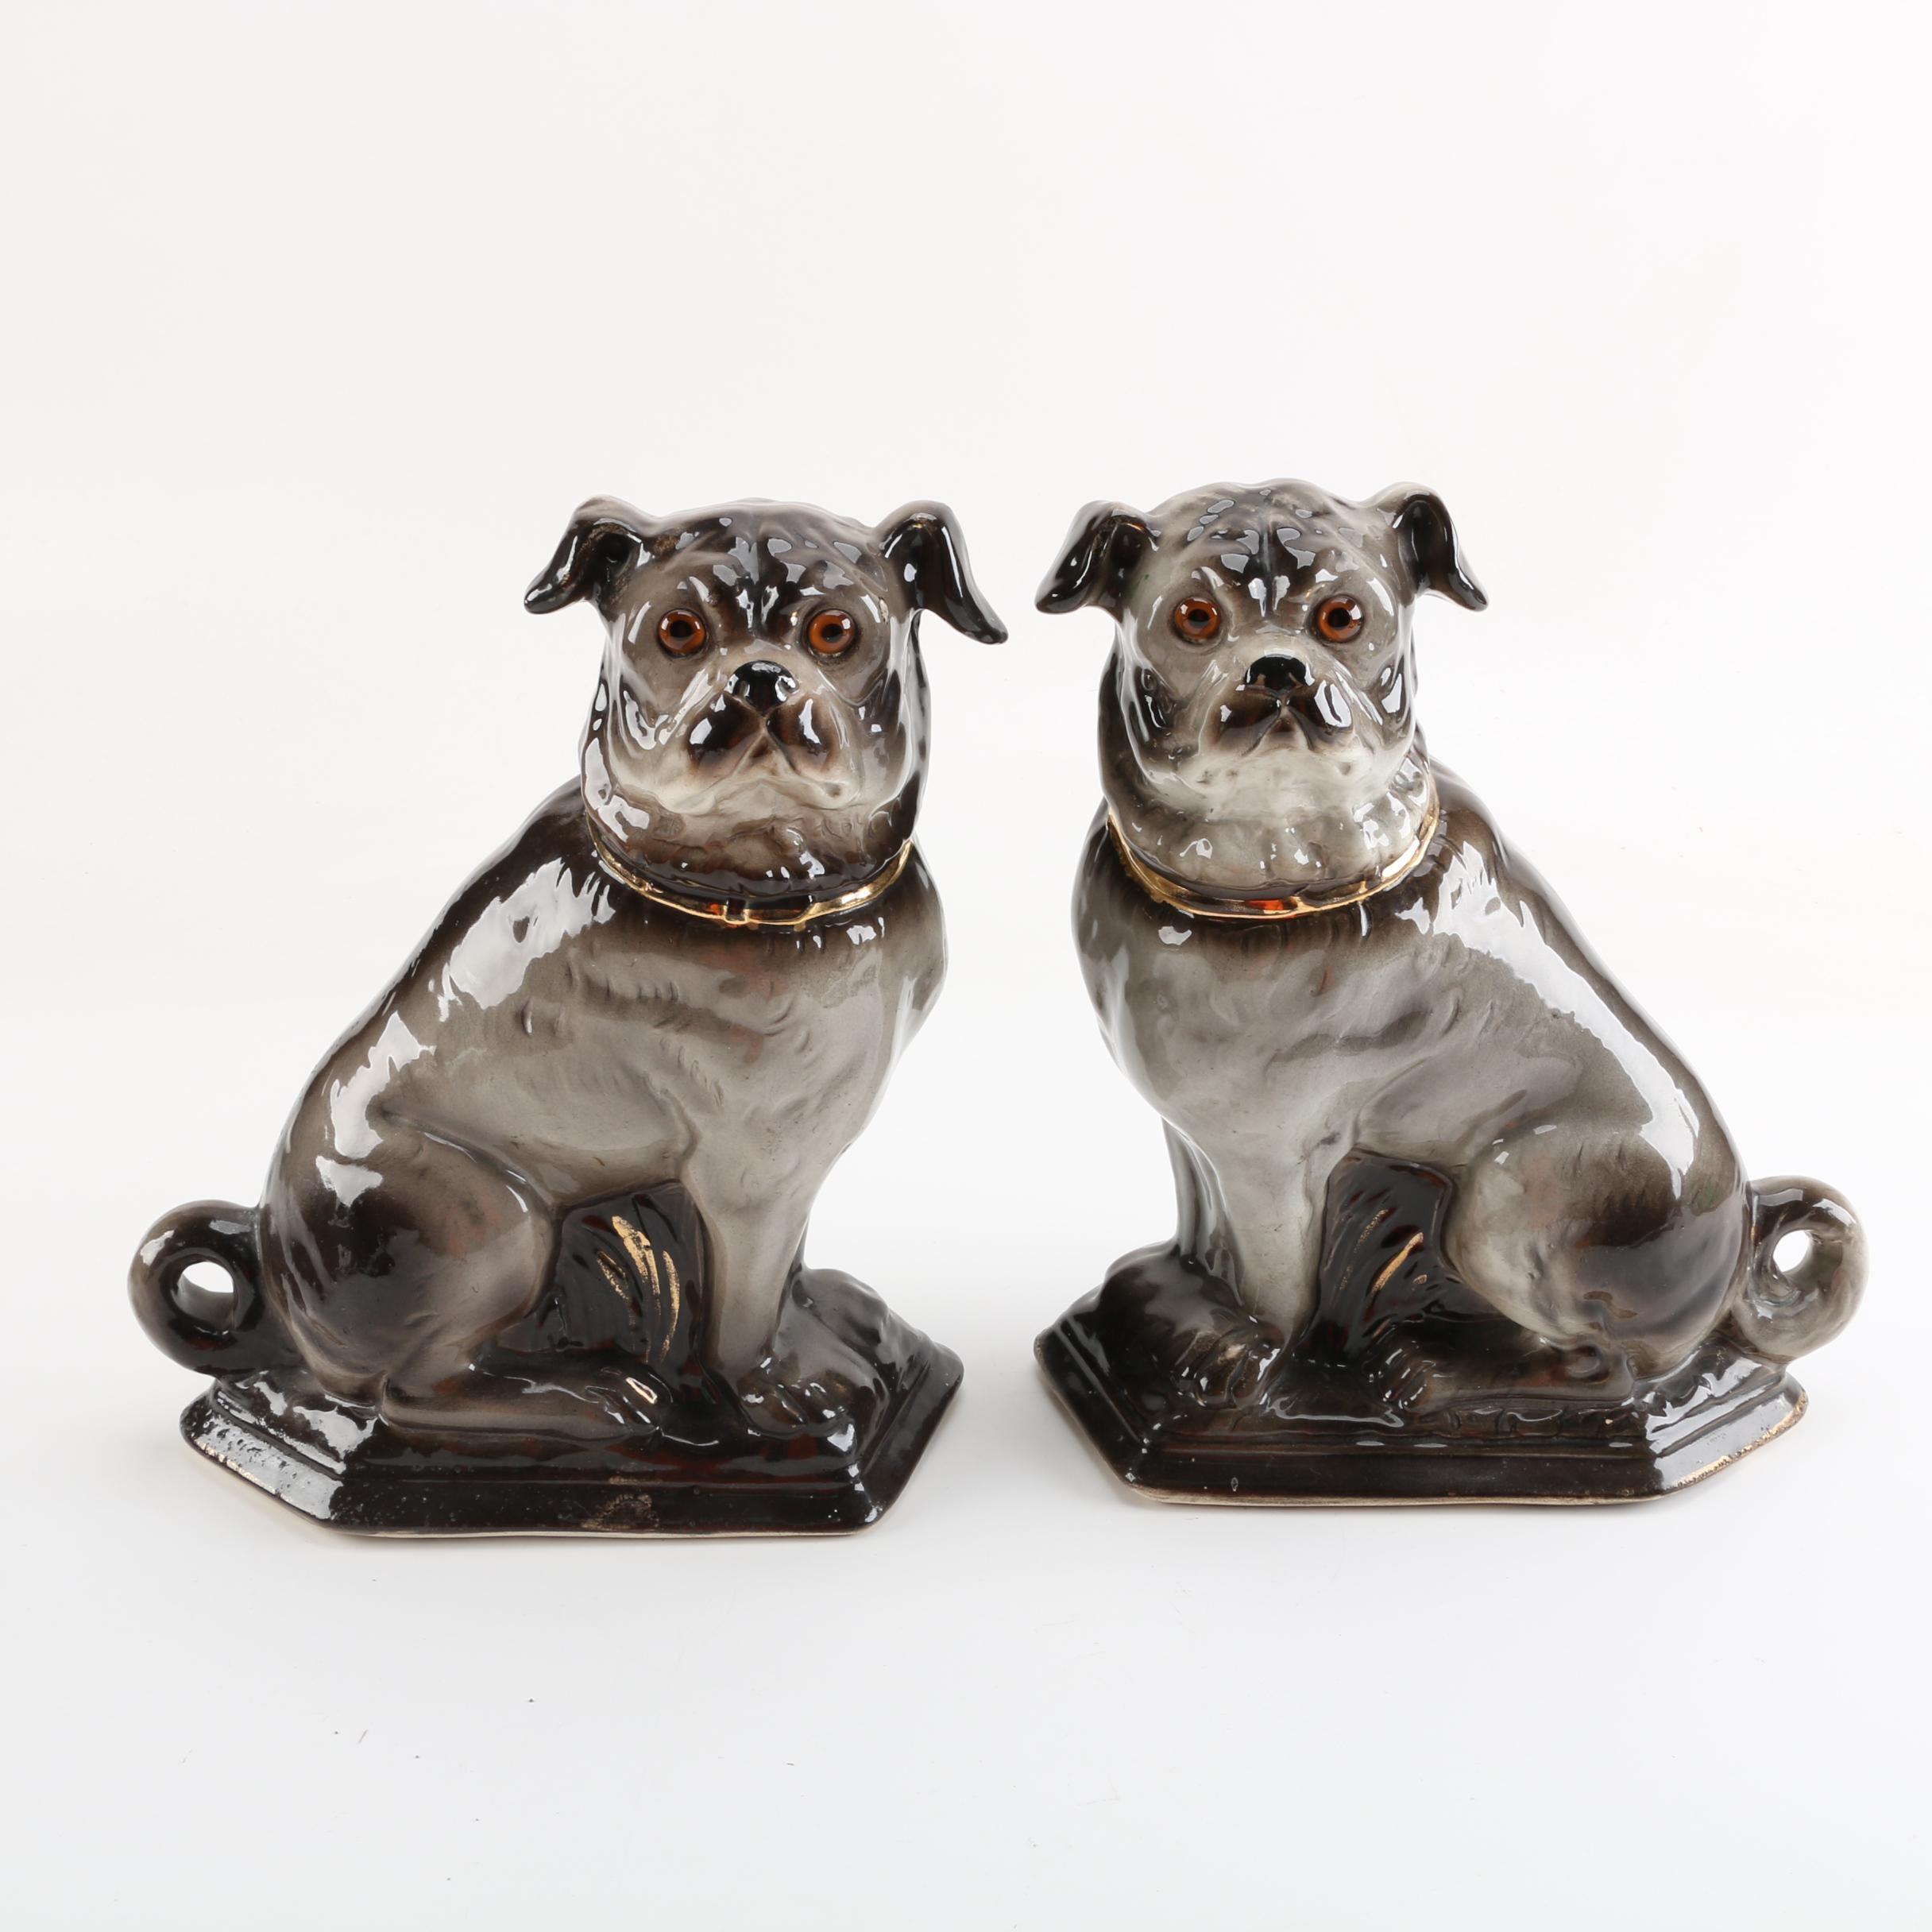 Glazed Ceramic Dog Figurines